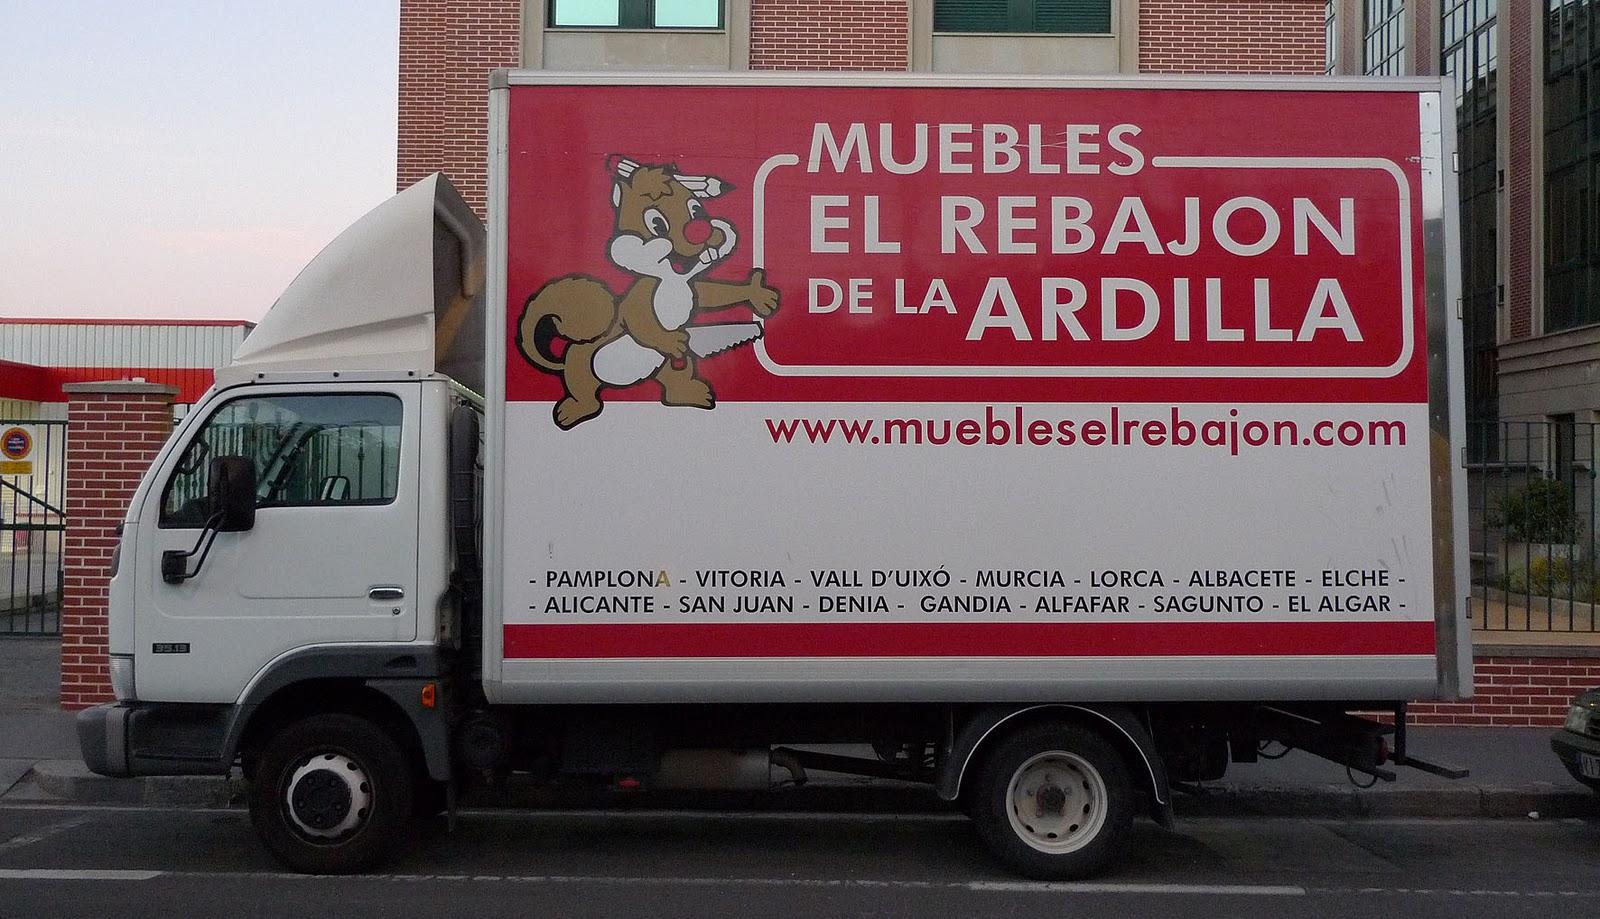 Dogothink naming curiosity 001 for El rebajon de la ardilla